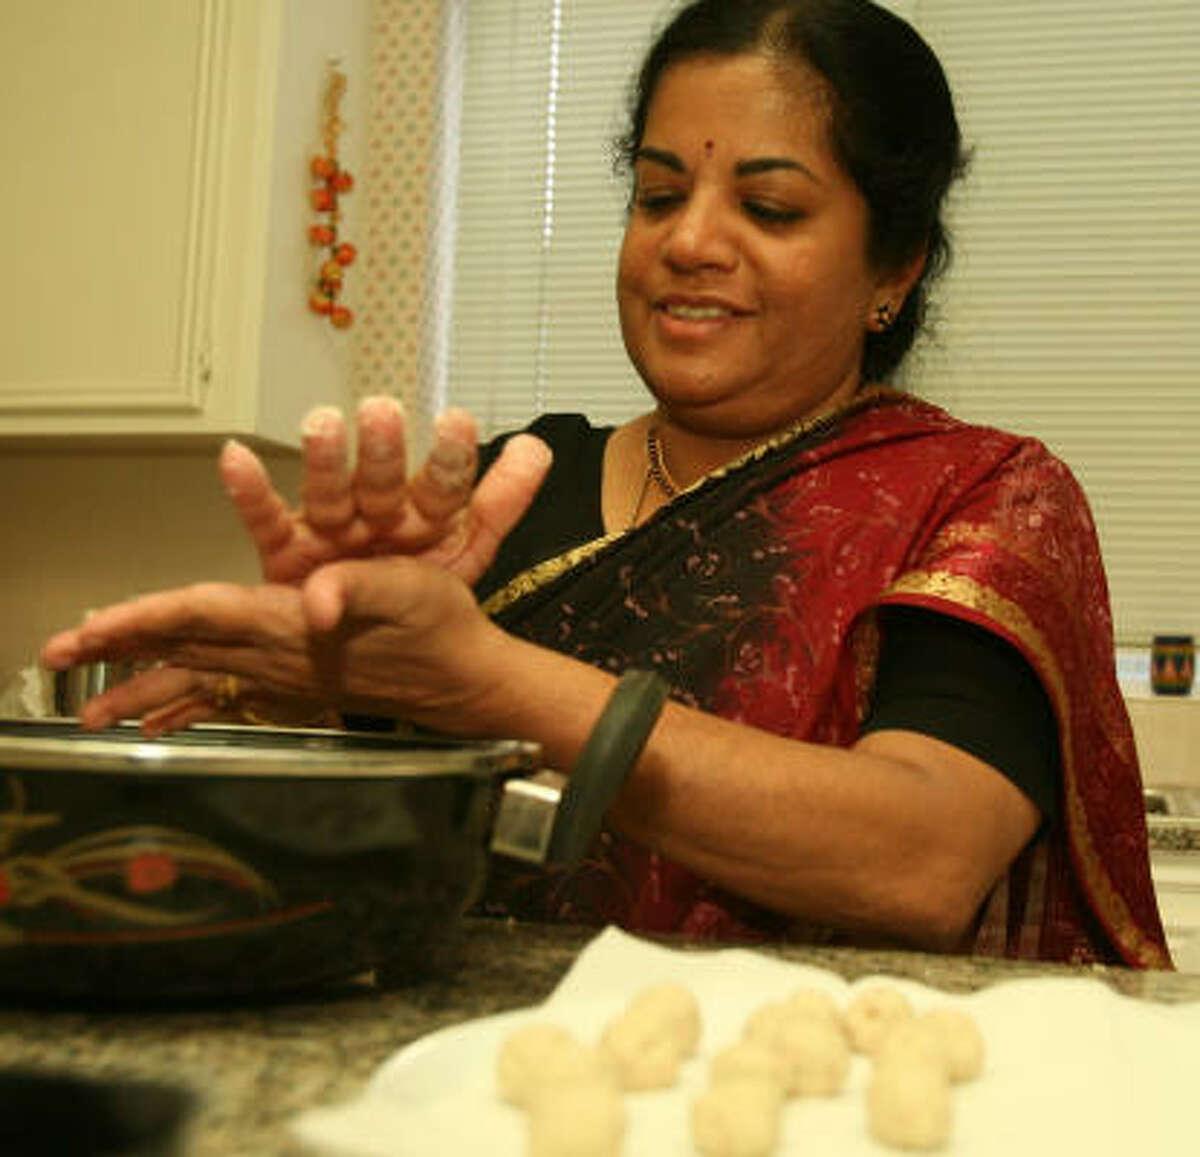 ROLL, DEEP-FRY: When making salt seedai, Latha Ramdas forms a ball of dough, then rolls it into little portions for deep-frying.